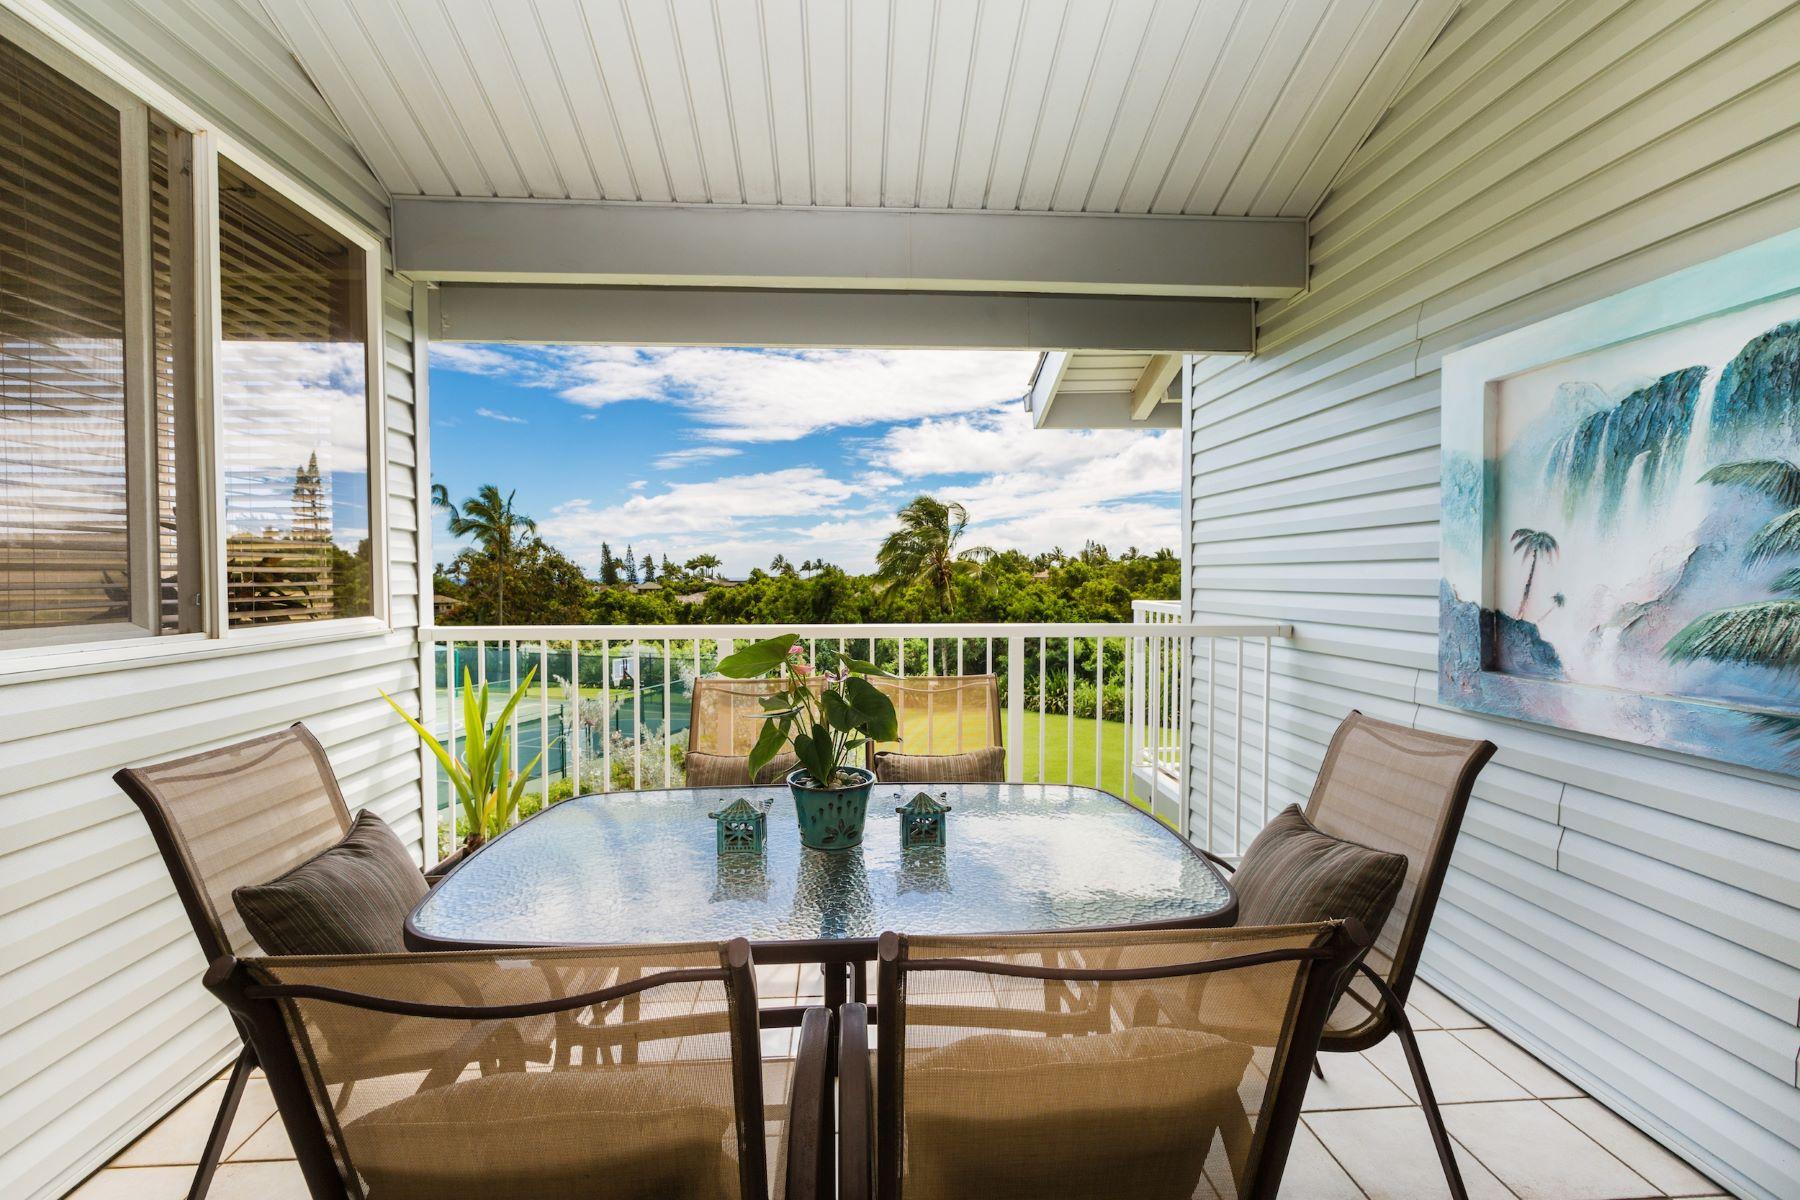 Condomínio para Venda às The Cliffs 3811 Edward Rd #2309 Princeville, Havaí, 96722 Estados Unidos